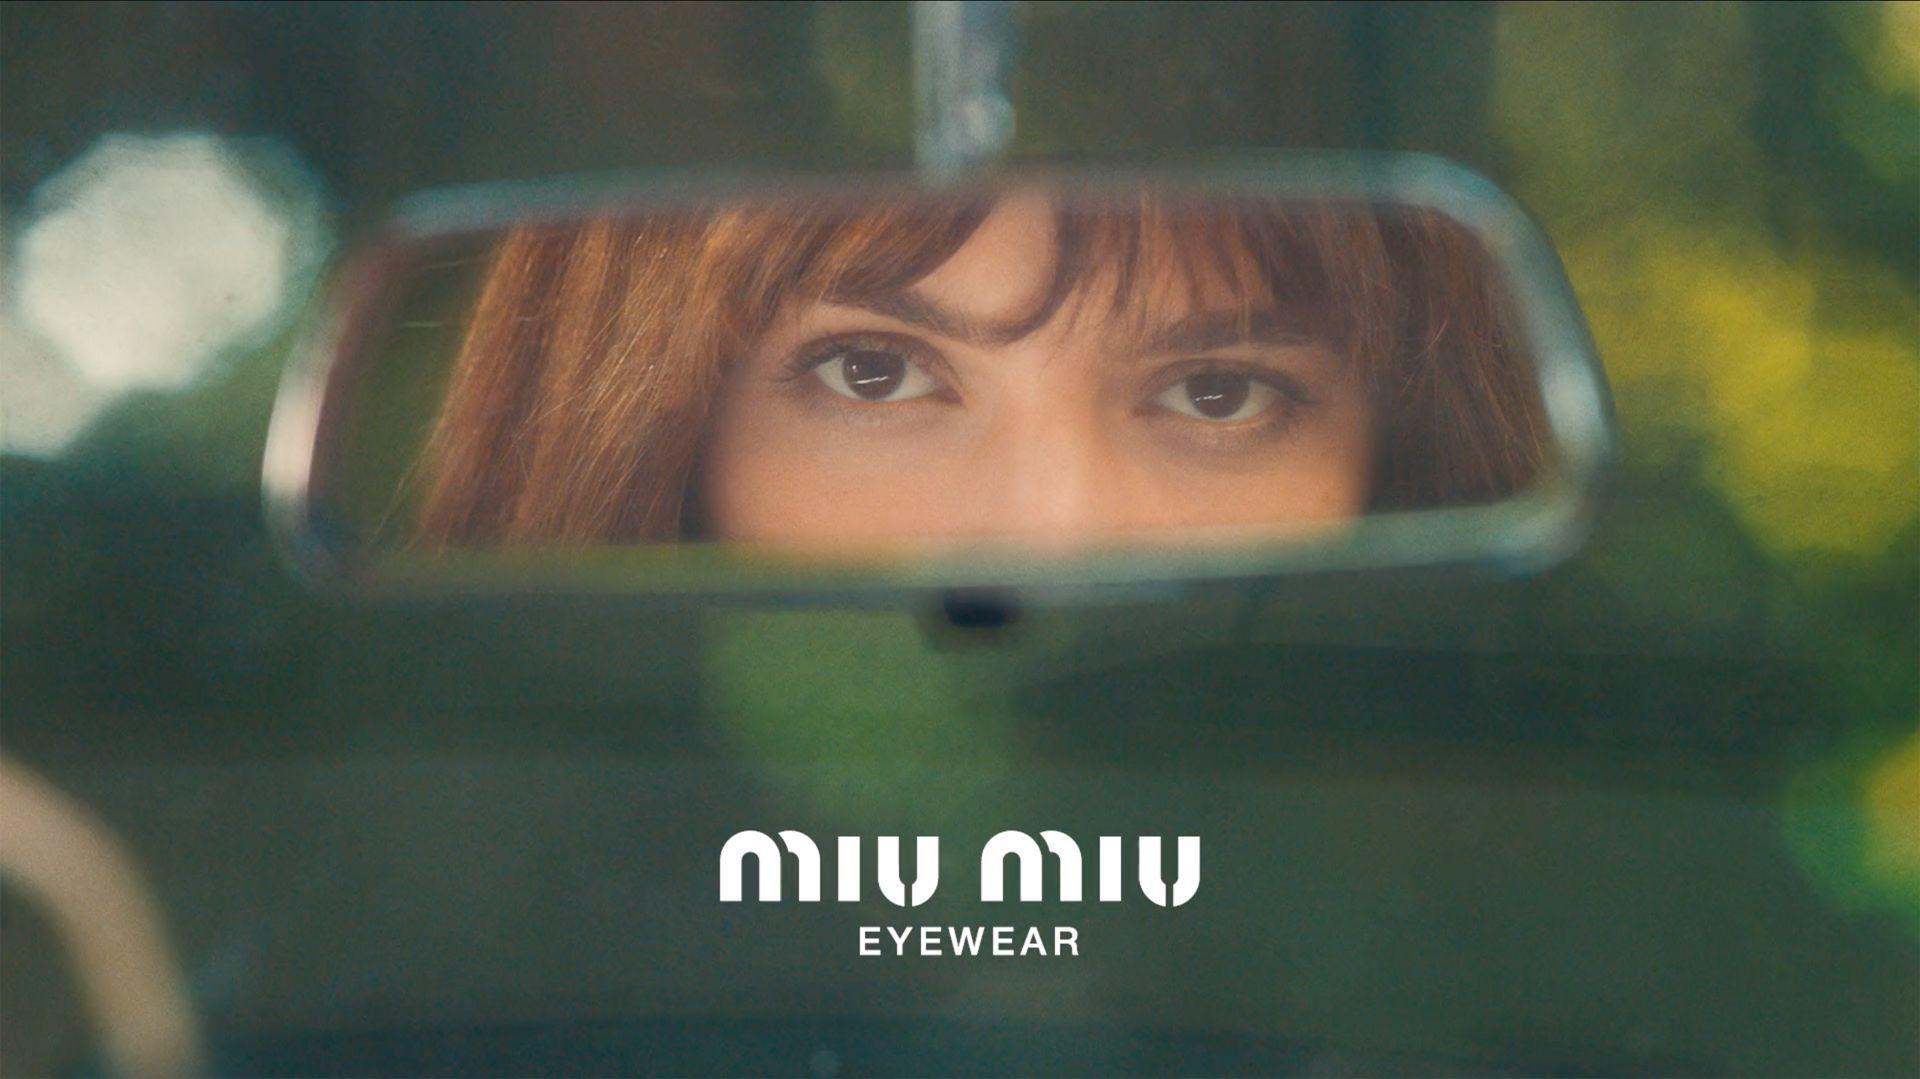 Los ojos de Calu Rivero en la nueva publicidad de Miu Miu eyewear